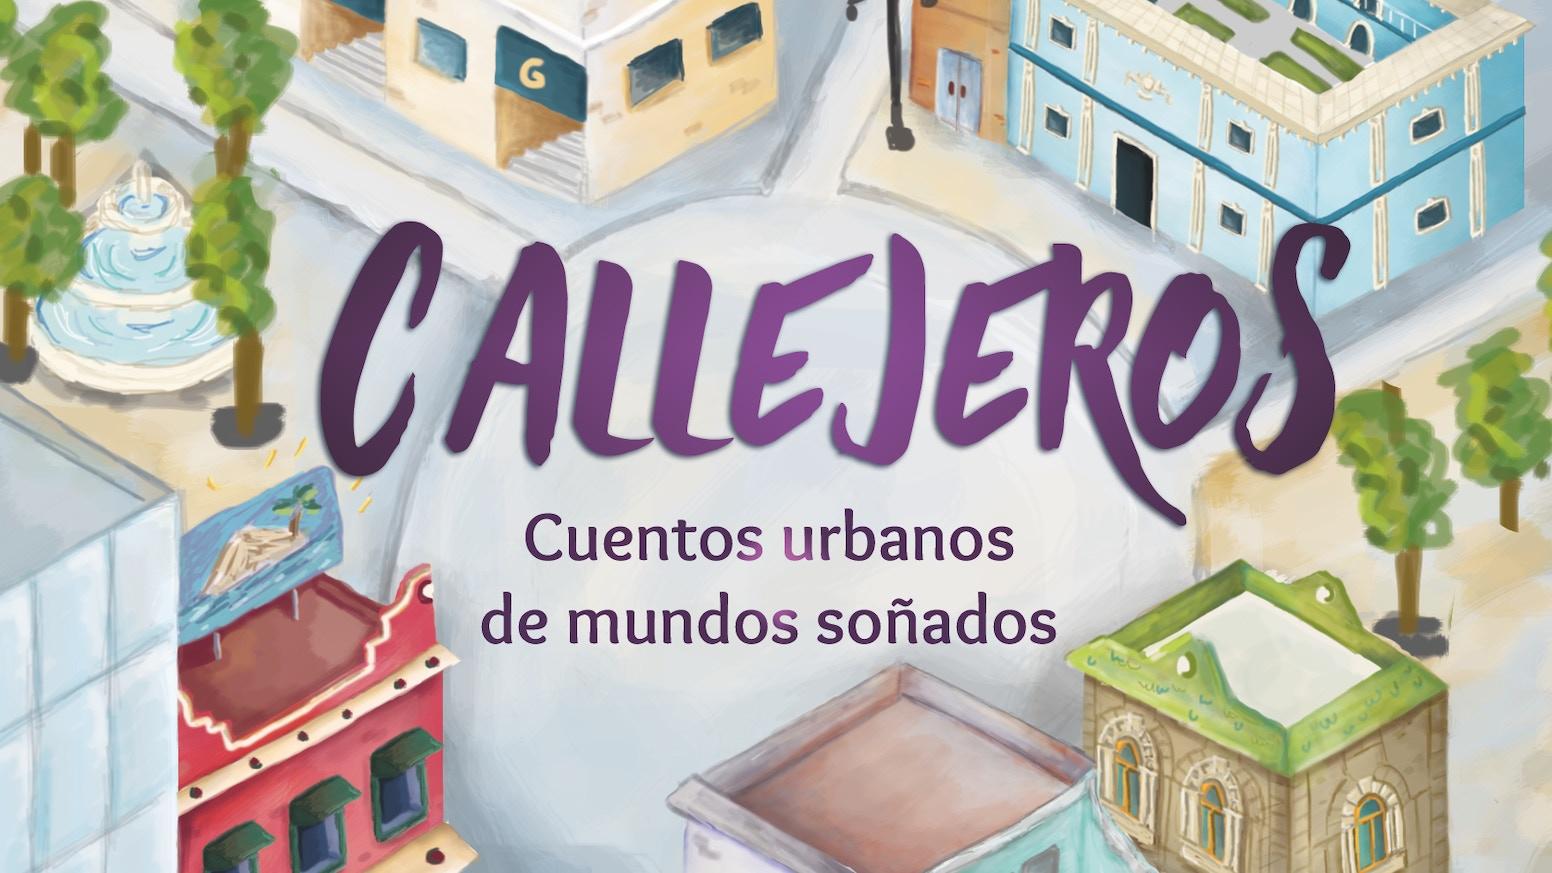 Callejeros preserva el idioma de la ciudad. La esencia de la calle trasciende mediante 18 cuentos, que con tu ayuda irán de la pantalla